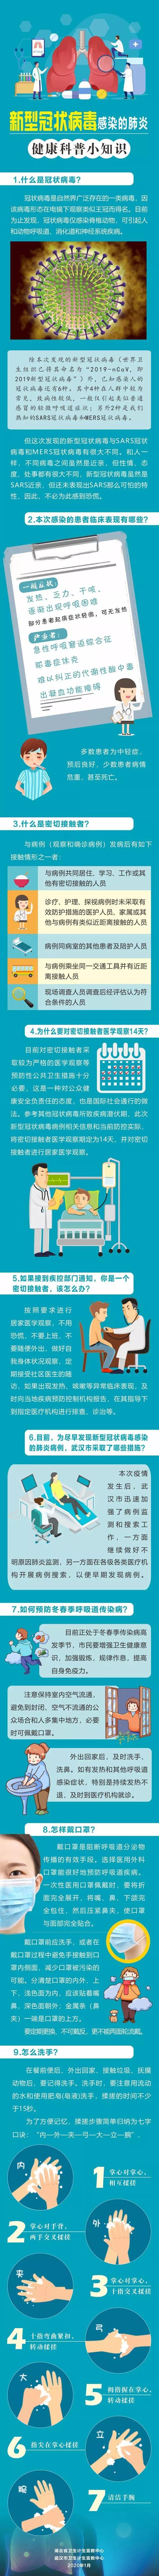 新型冠状病毒感染的肺炎有哪些症状?你想知道的全在这里!_